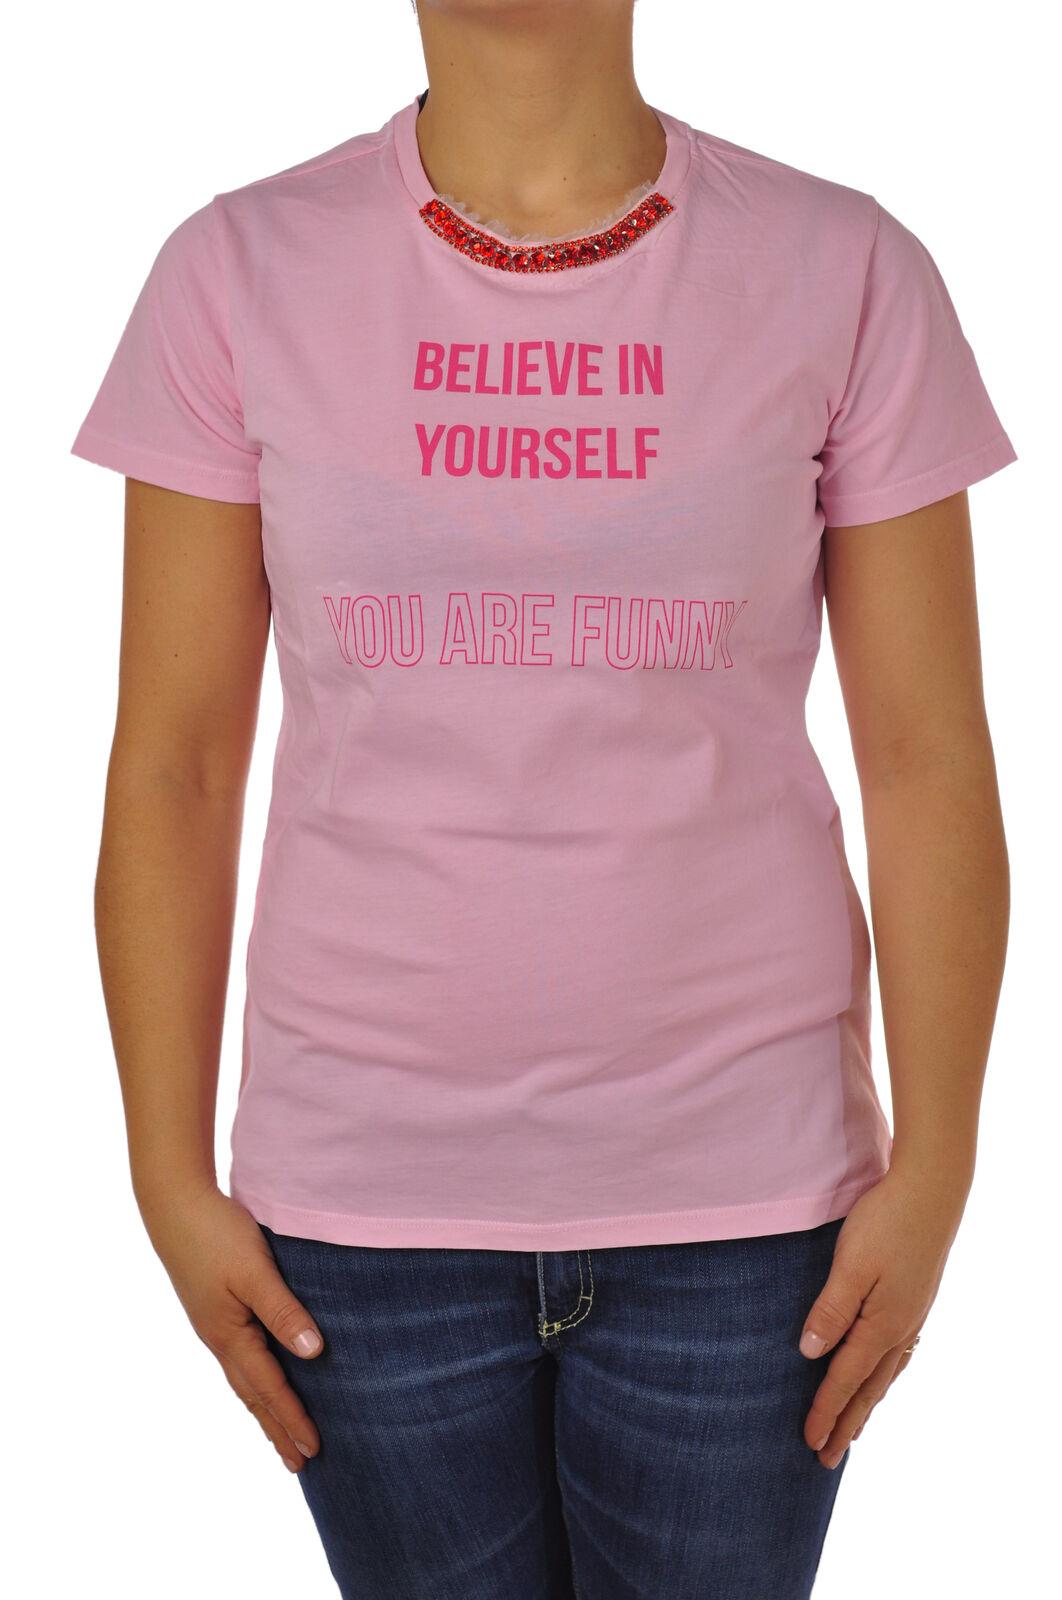 Rosao - Topwear-T-shirts - Woman - Rosa - 4775813F180954